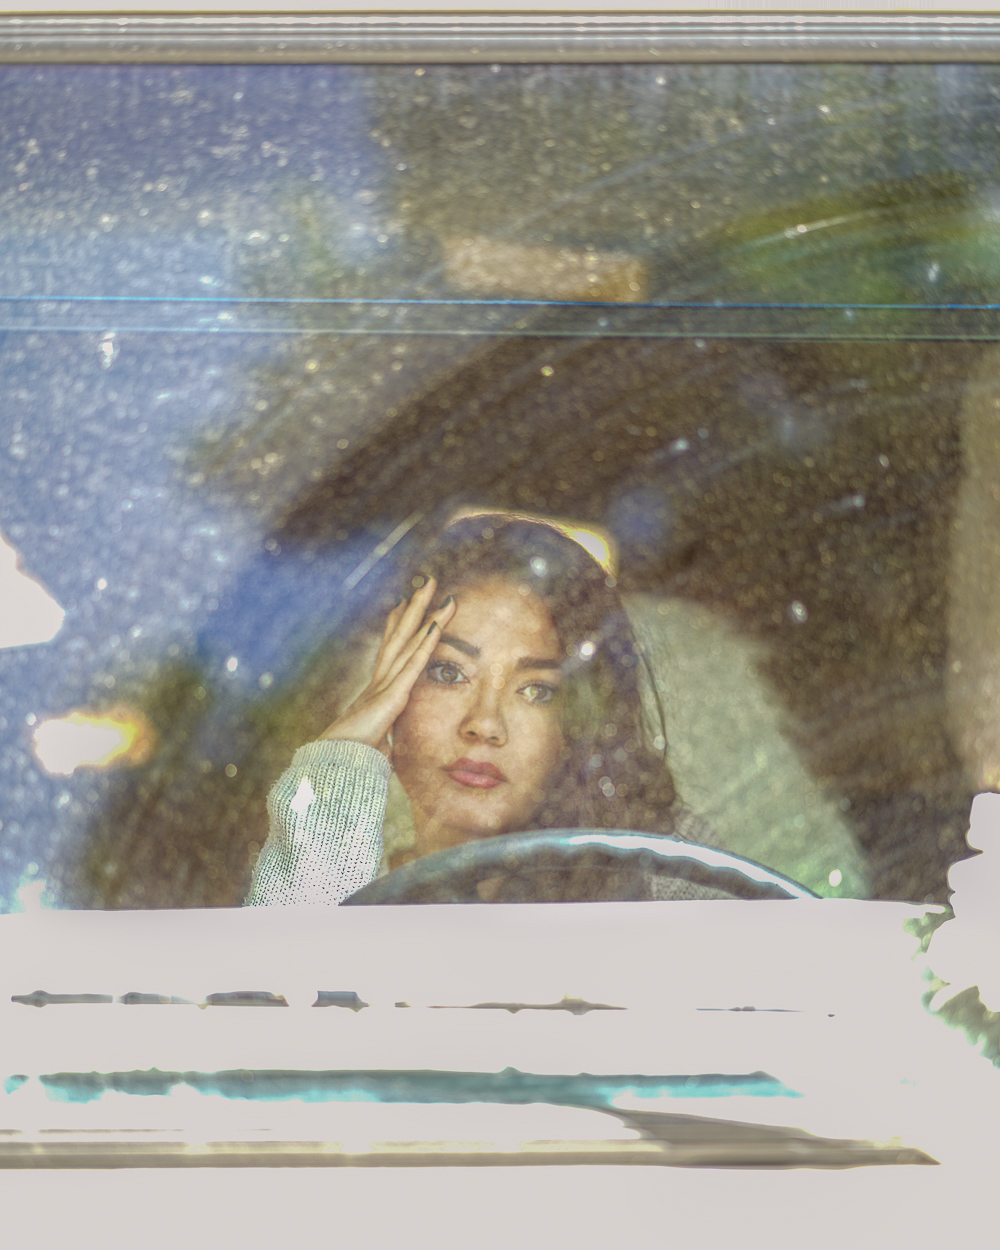 Schmutzige Glasscheibe - Bokeh Effekt - Foto Hacks